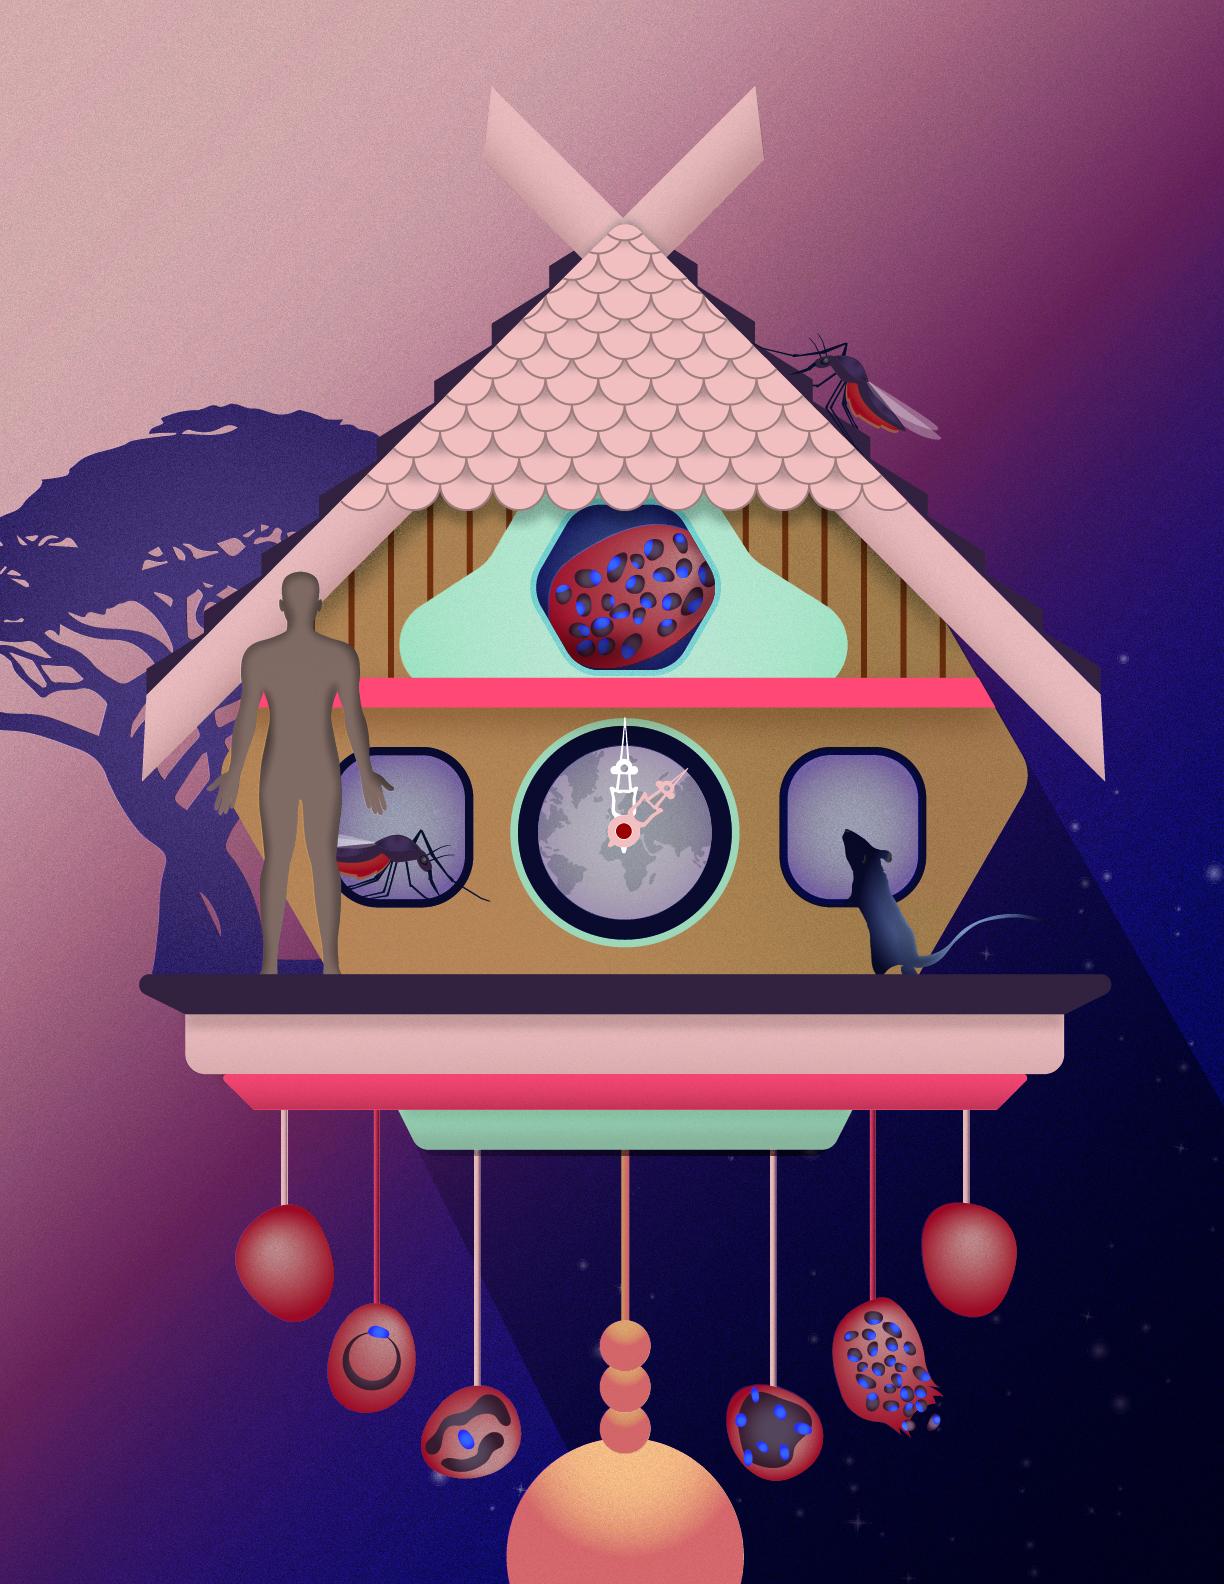 Malaria clock